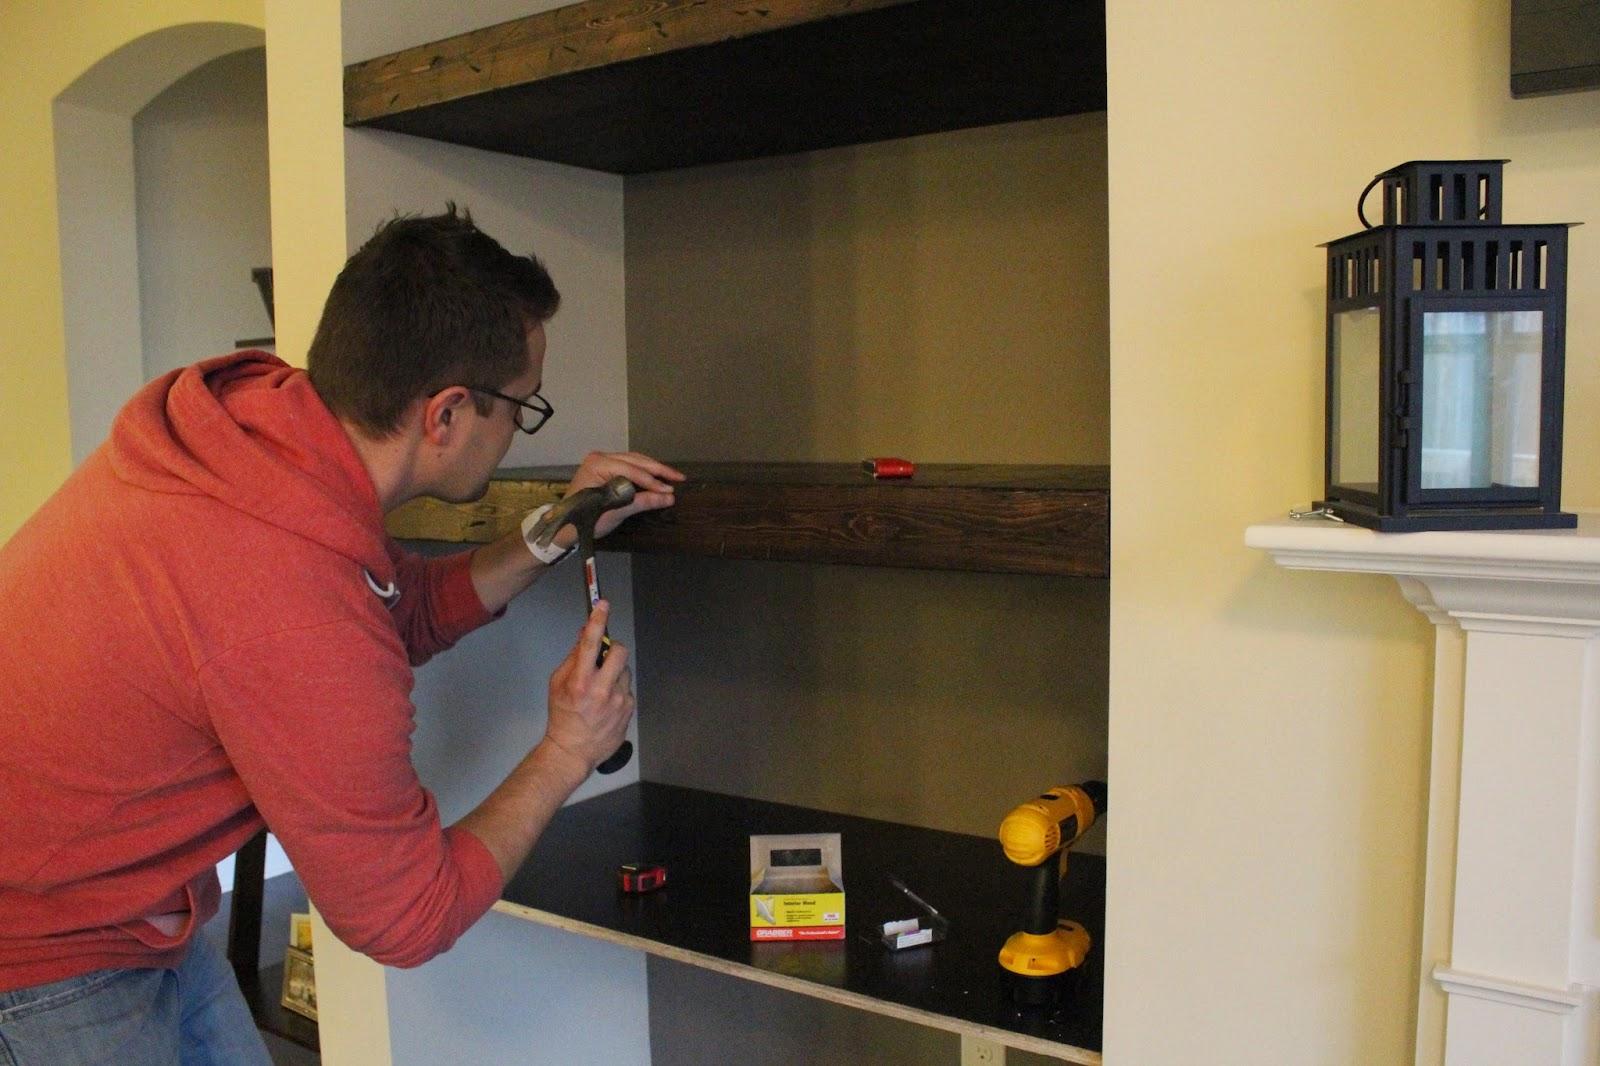 DIY Built in floating shelves